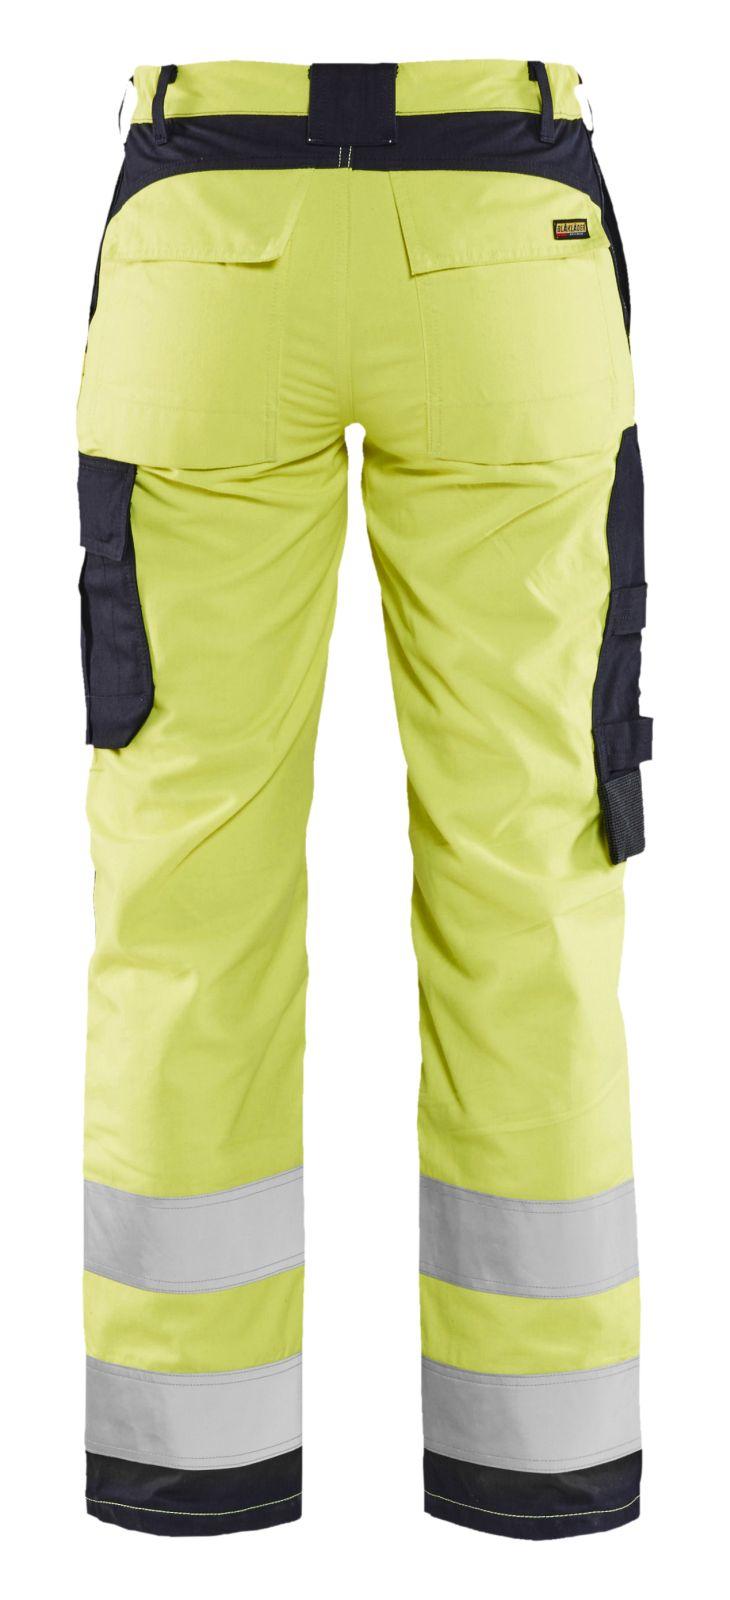 Blaklader Dames werkbroeken 71891512 Multinorm fluo geel-marineblauw(3389)